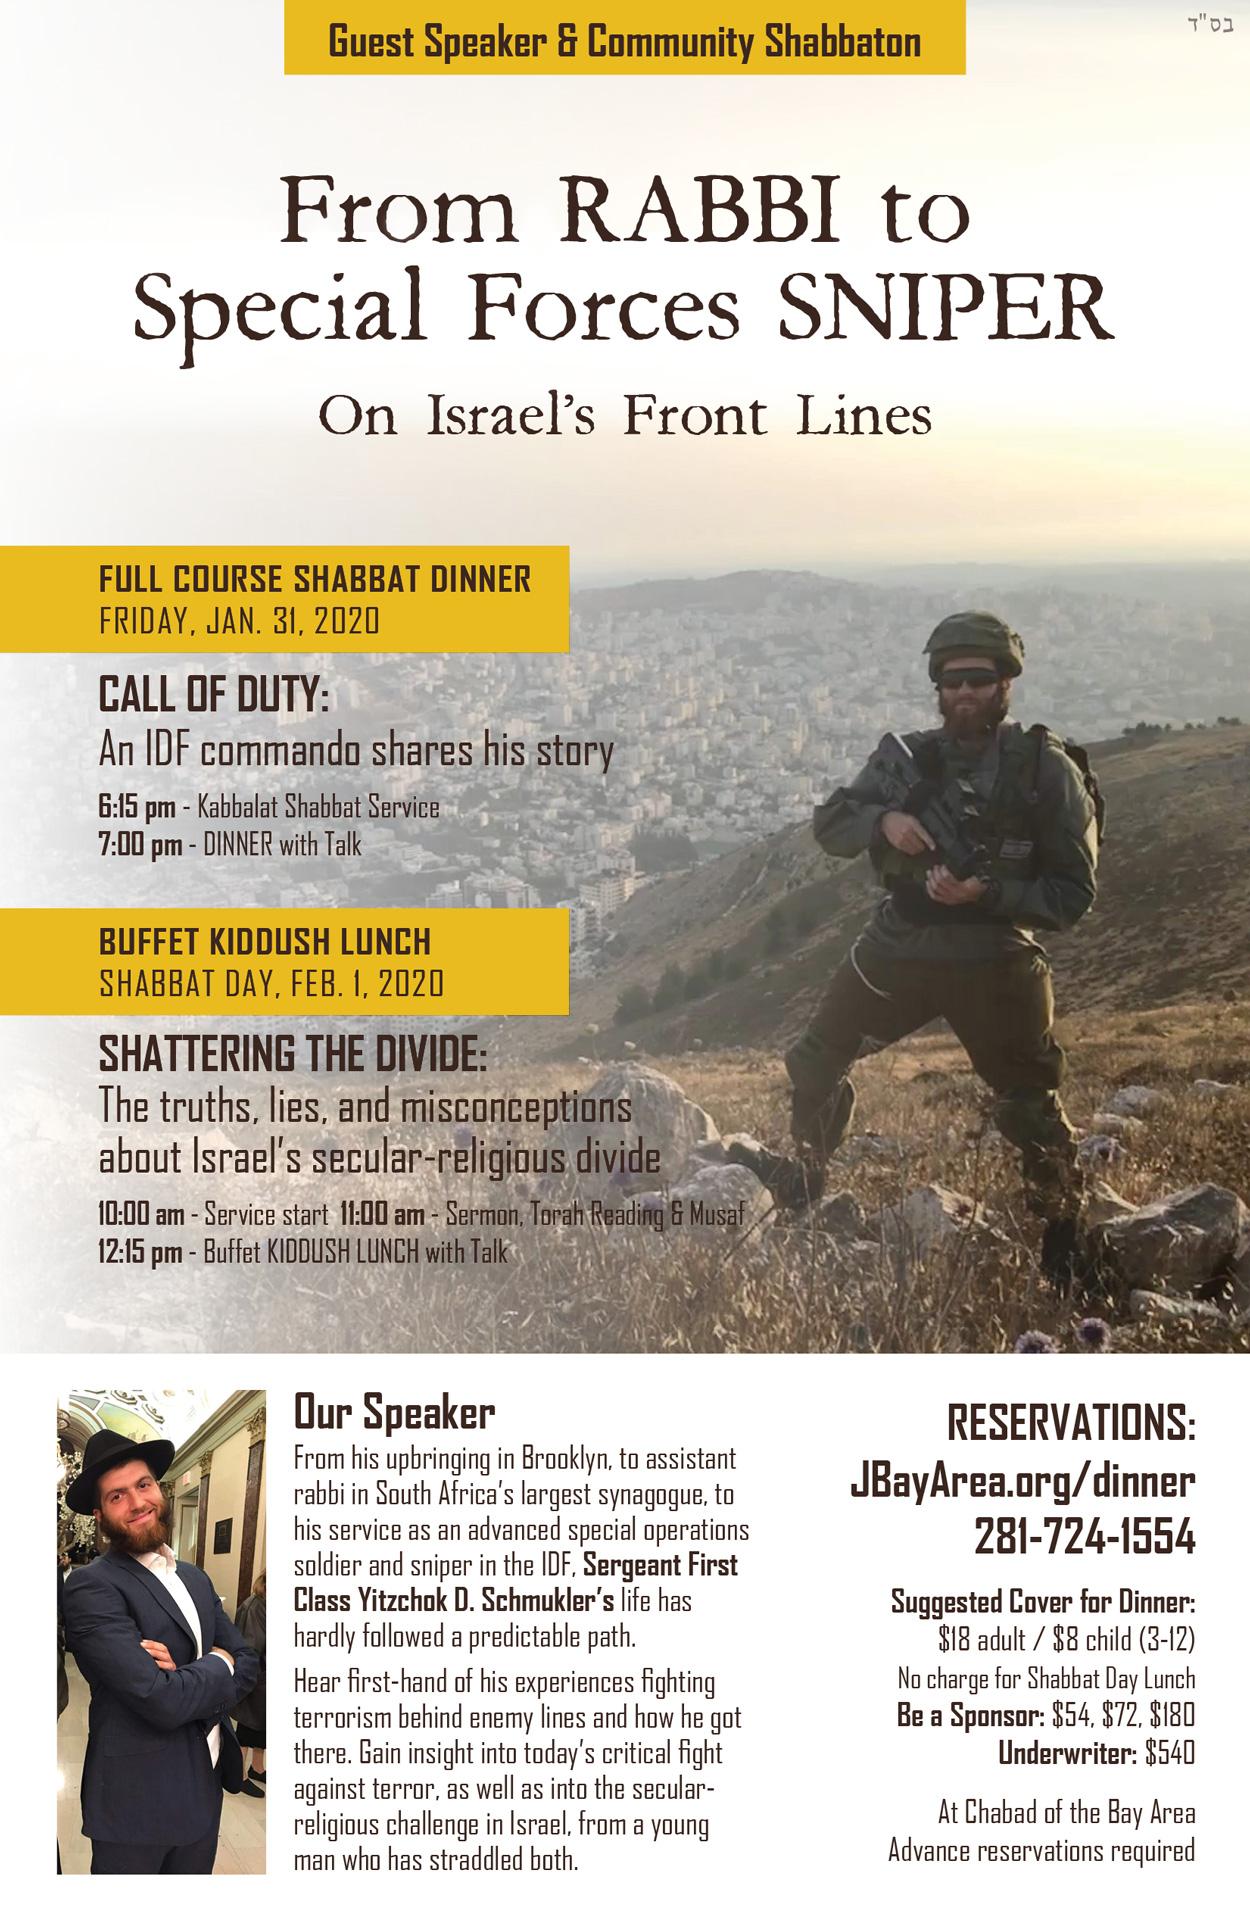 Shabbaton-Rabbi-to-Sniper-1250.jpg